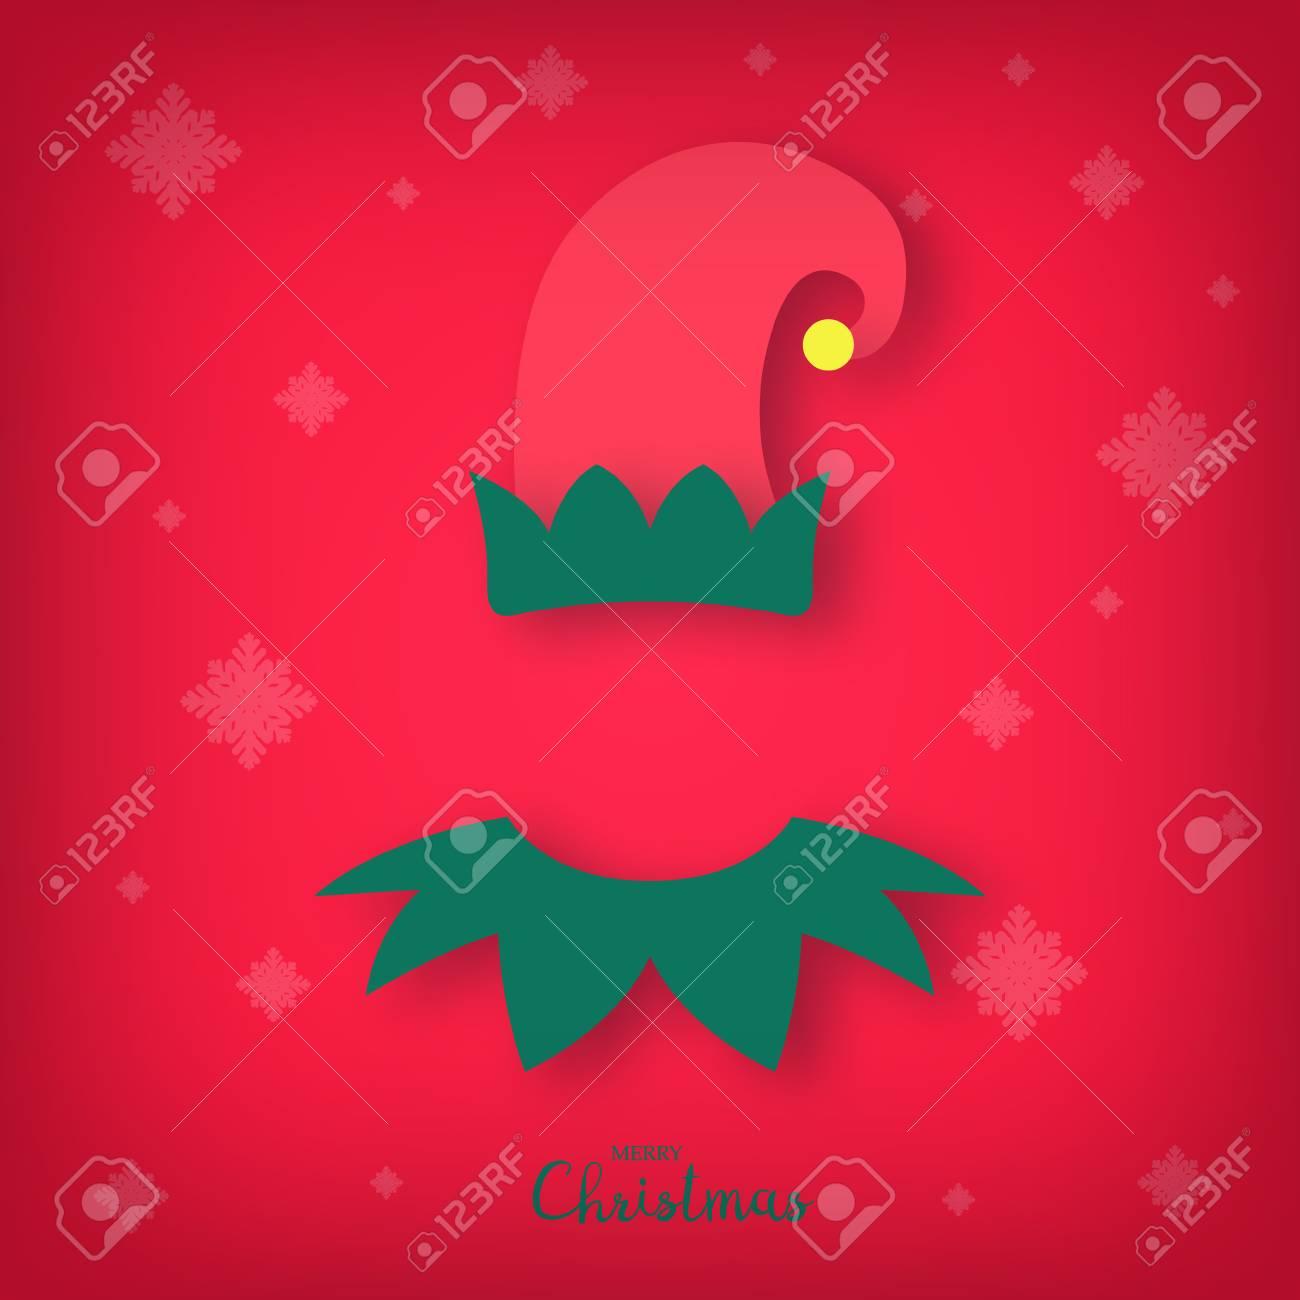 Fantastisch Weihnachten Avatar Zeitgenössisch - Weihnachtsbilder ...